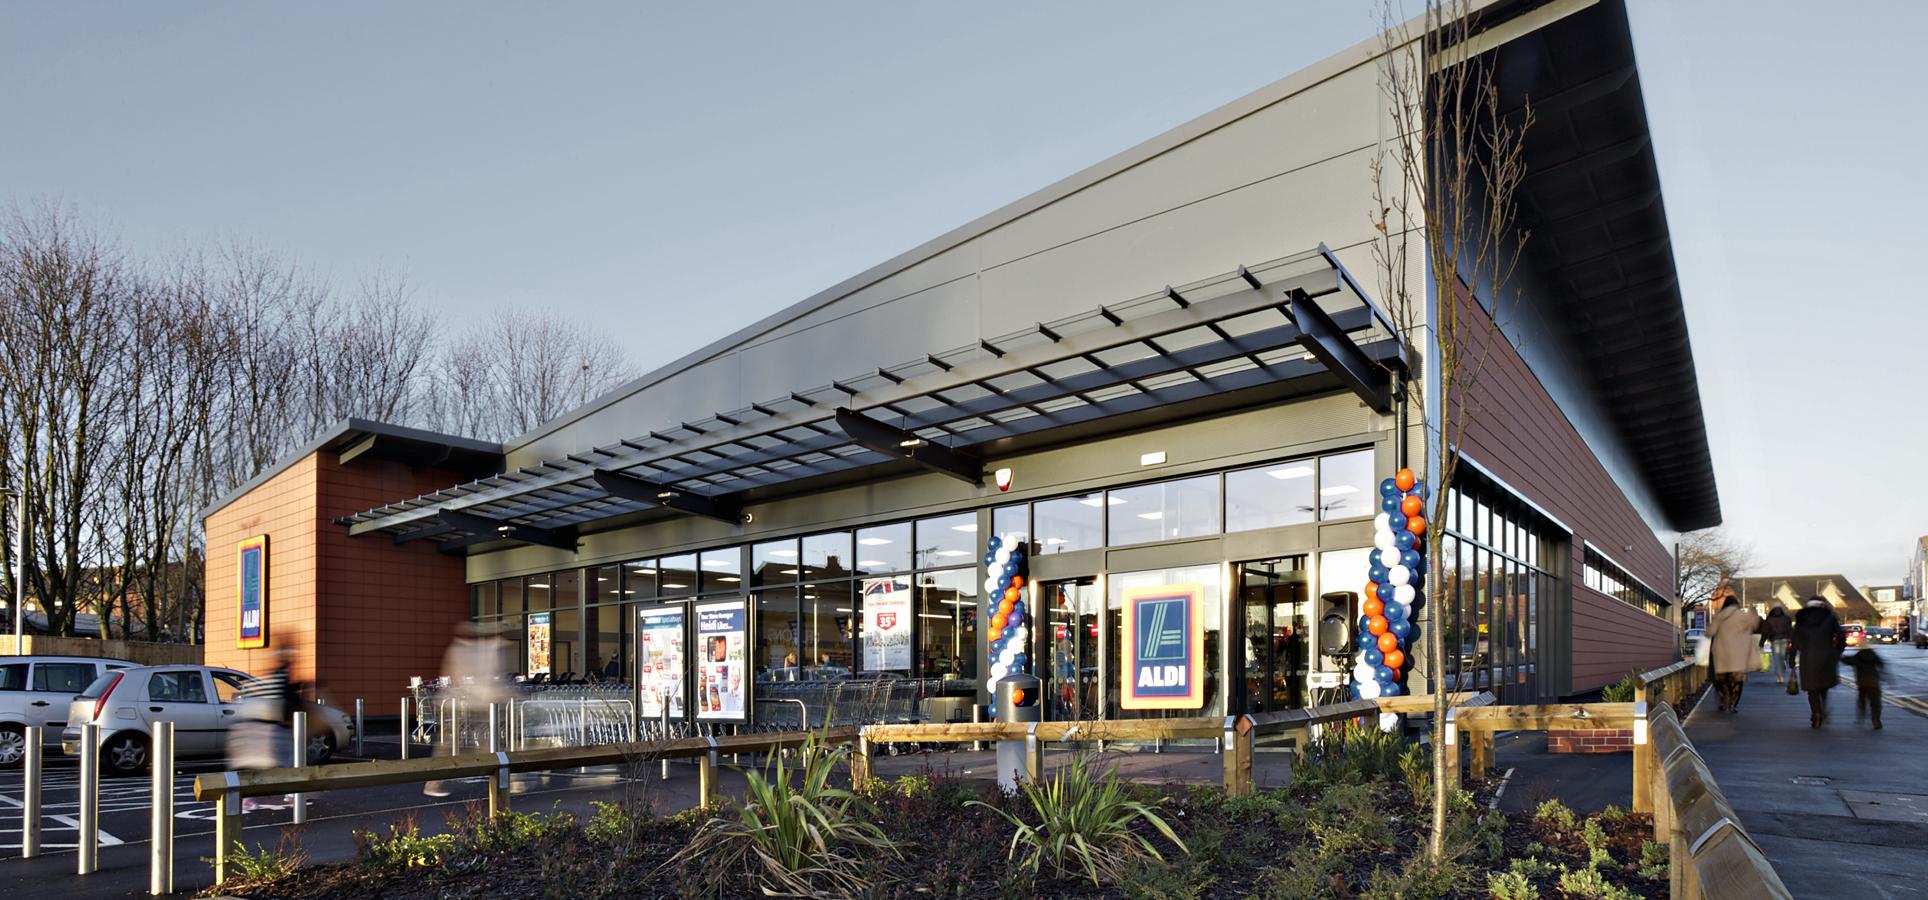 Retail Park, Holbeck, Jessops Construction Ltd